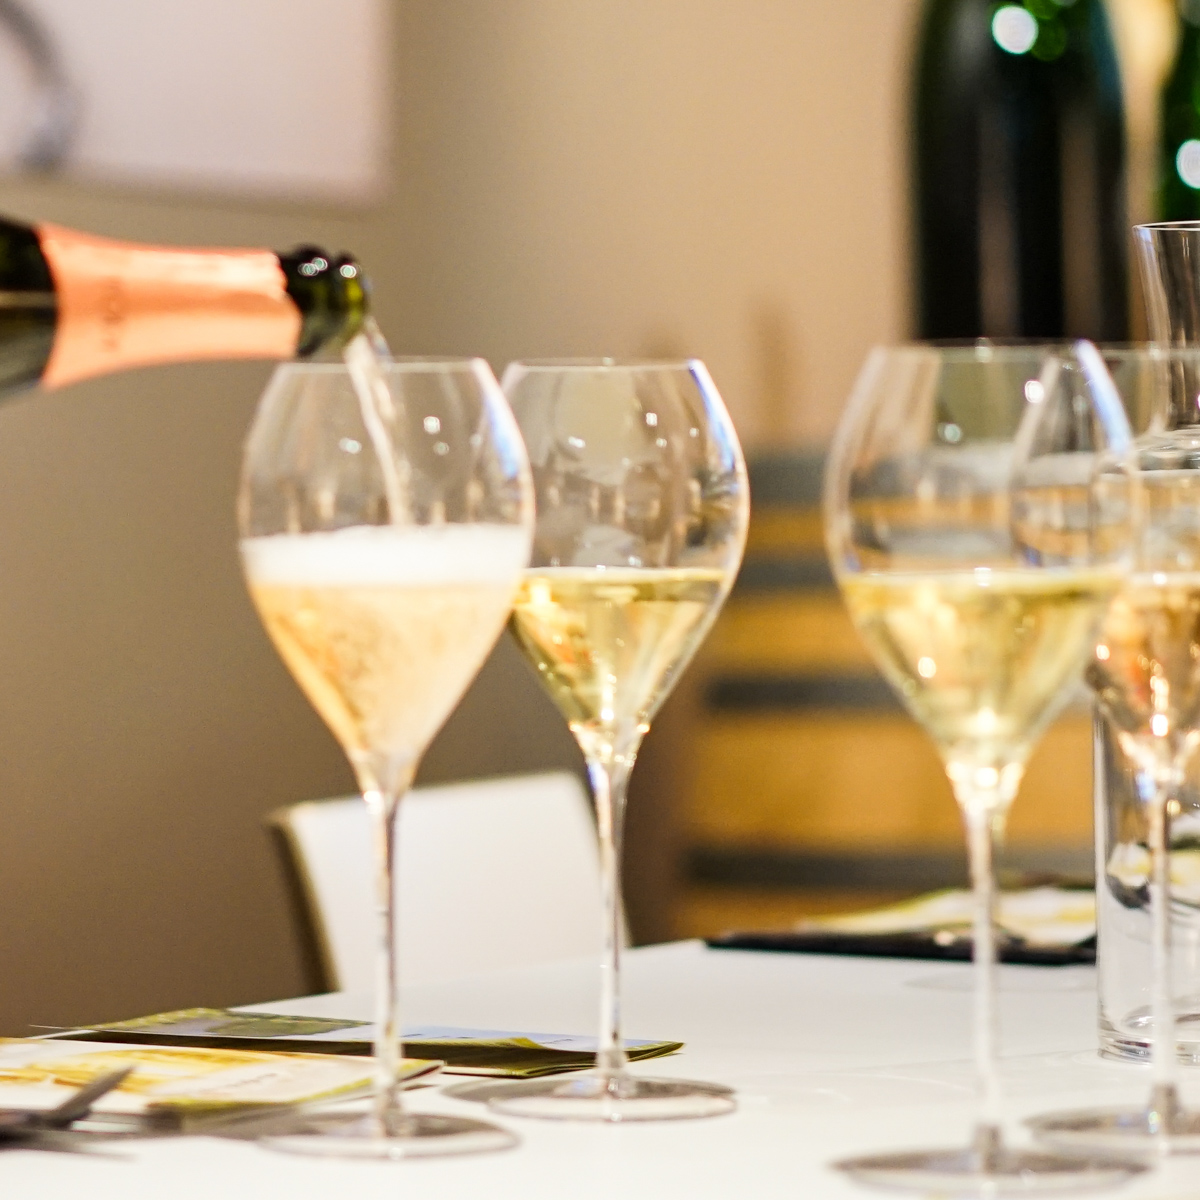 Champagner Abo von Einfach geniessen-3